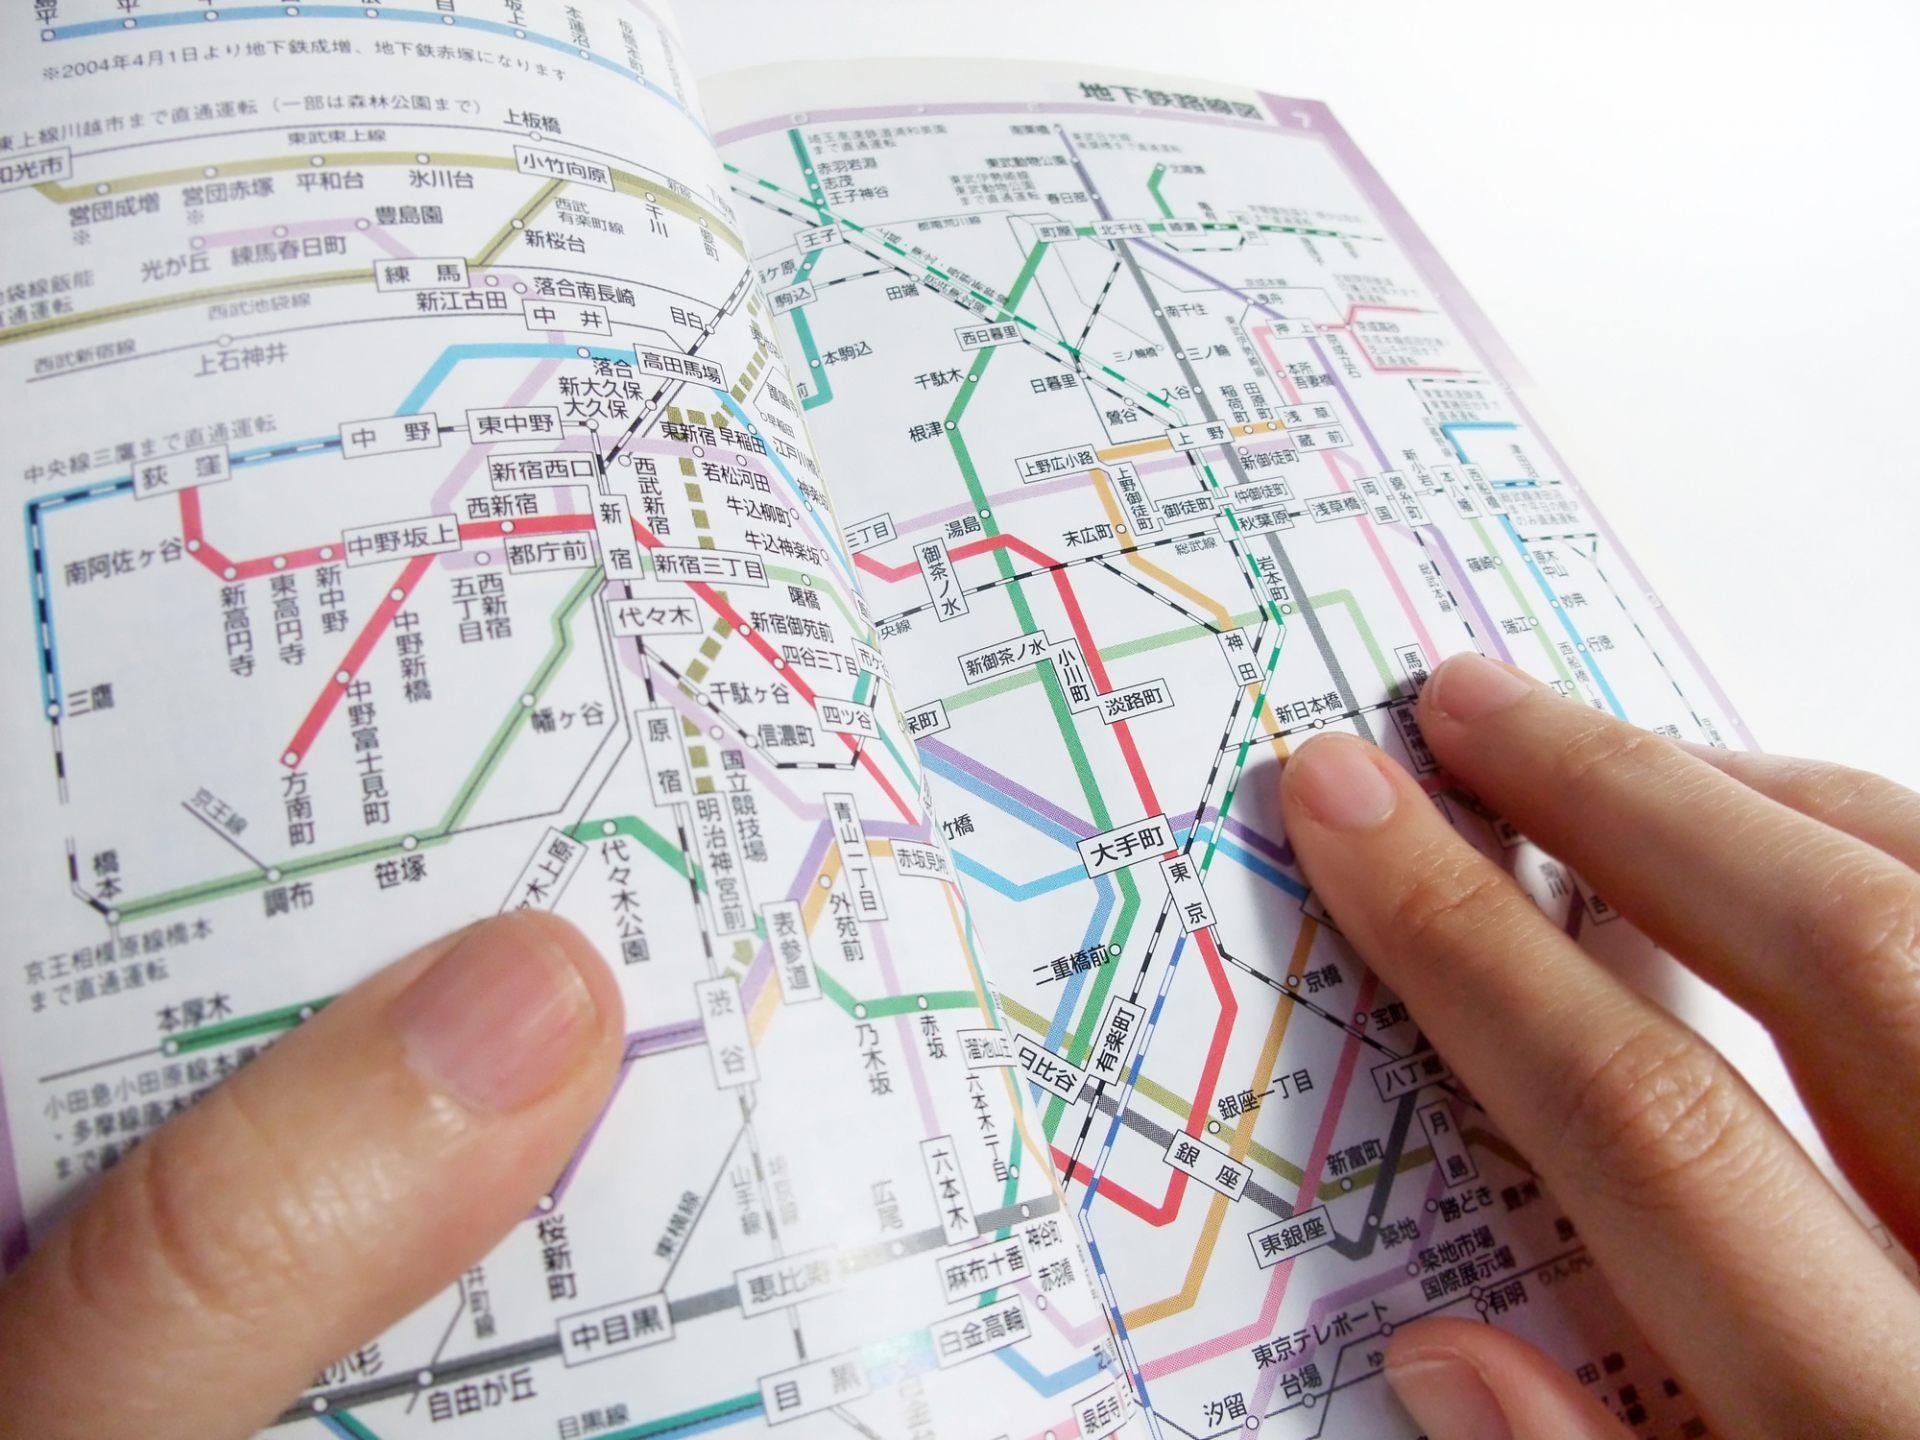 東京的路線圖光是看著看著就會頭痛想去睡了吧!